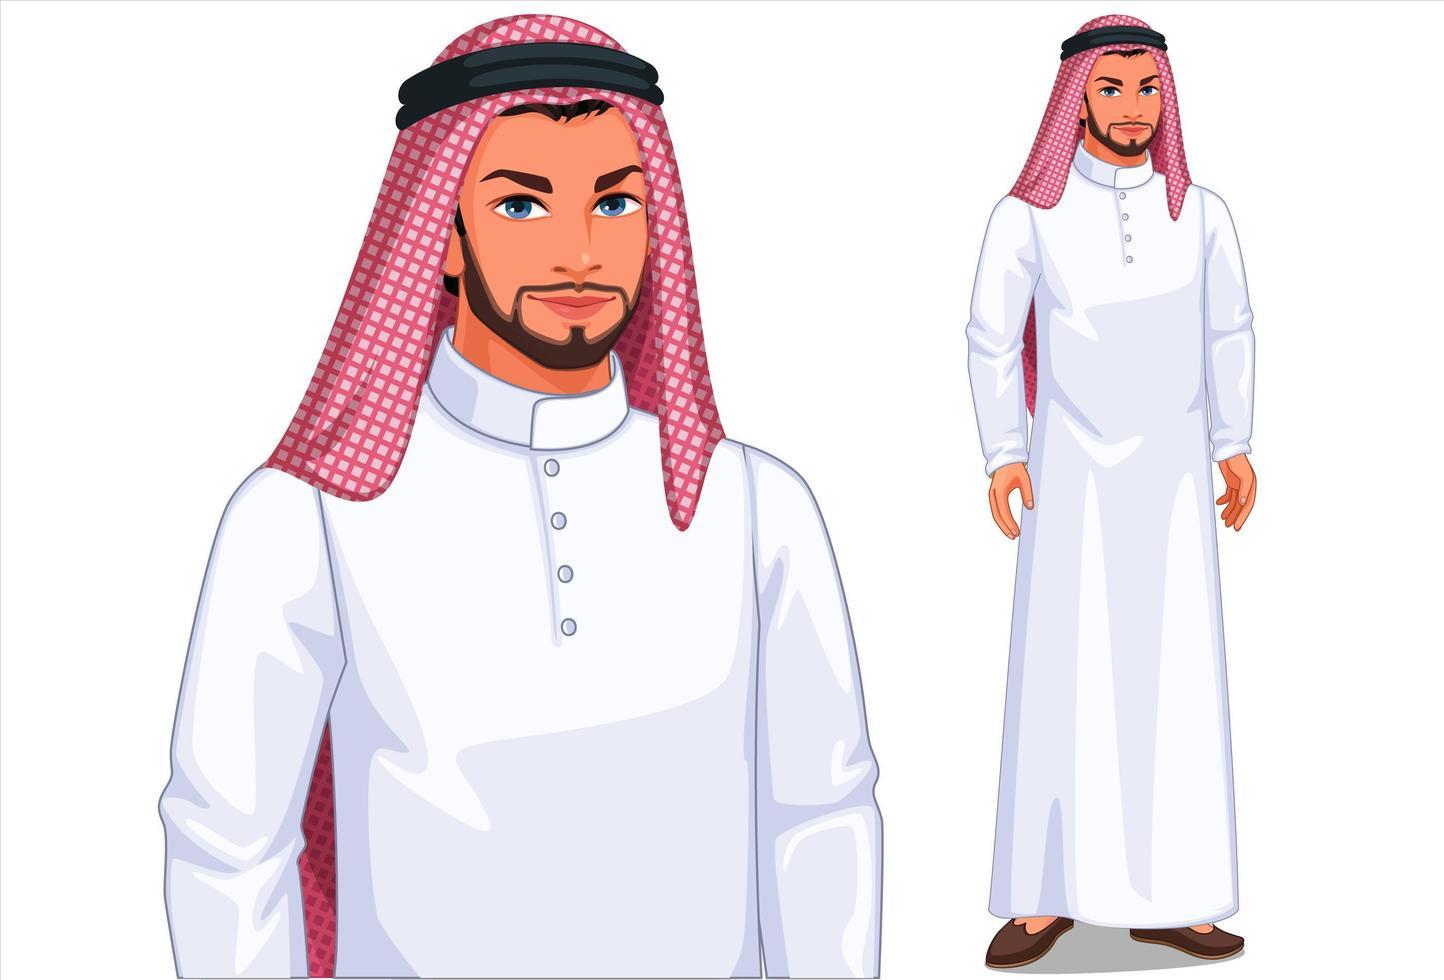 homem do Oriente Médio em pé vetor